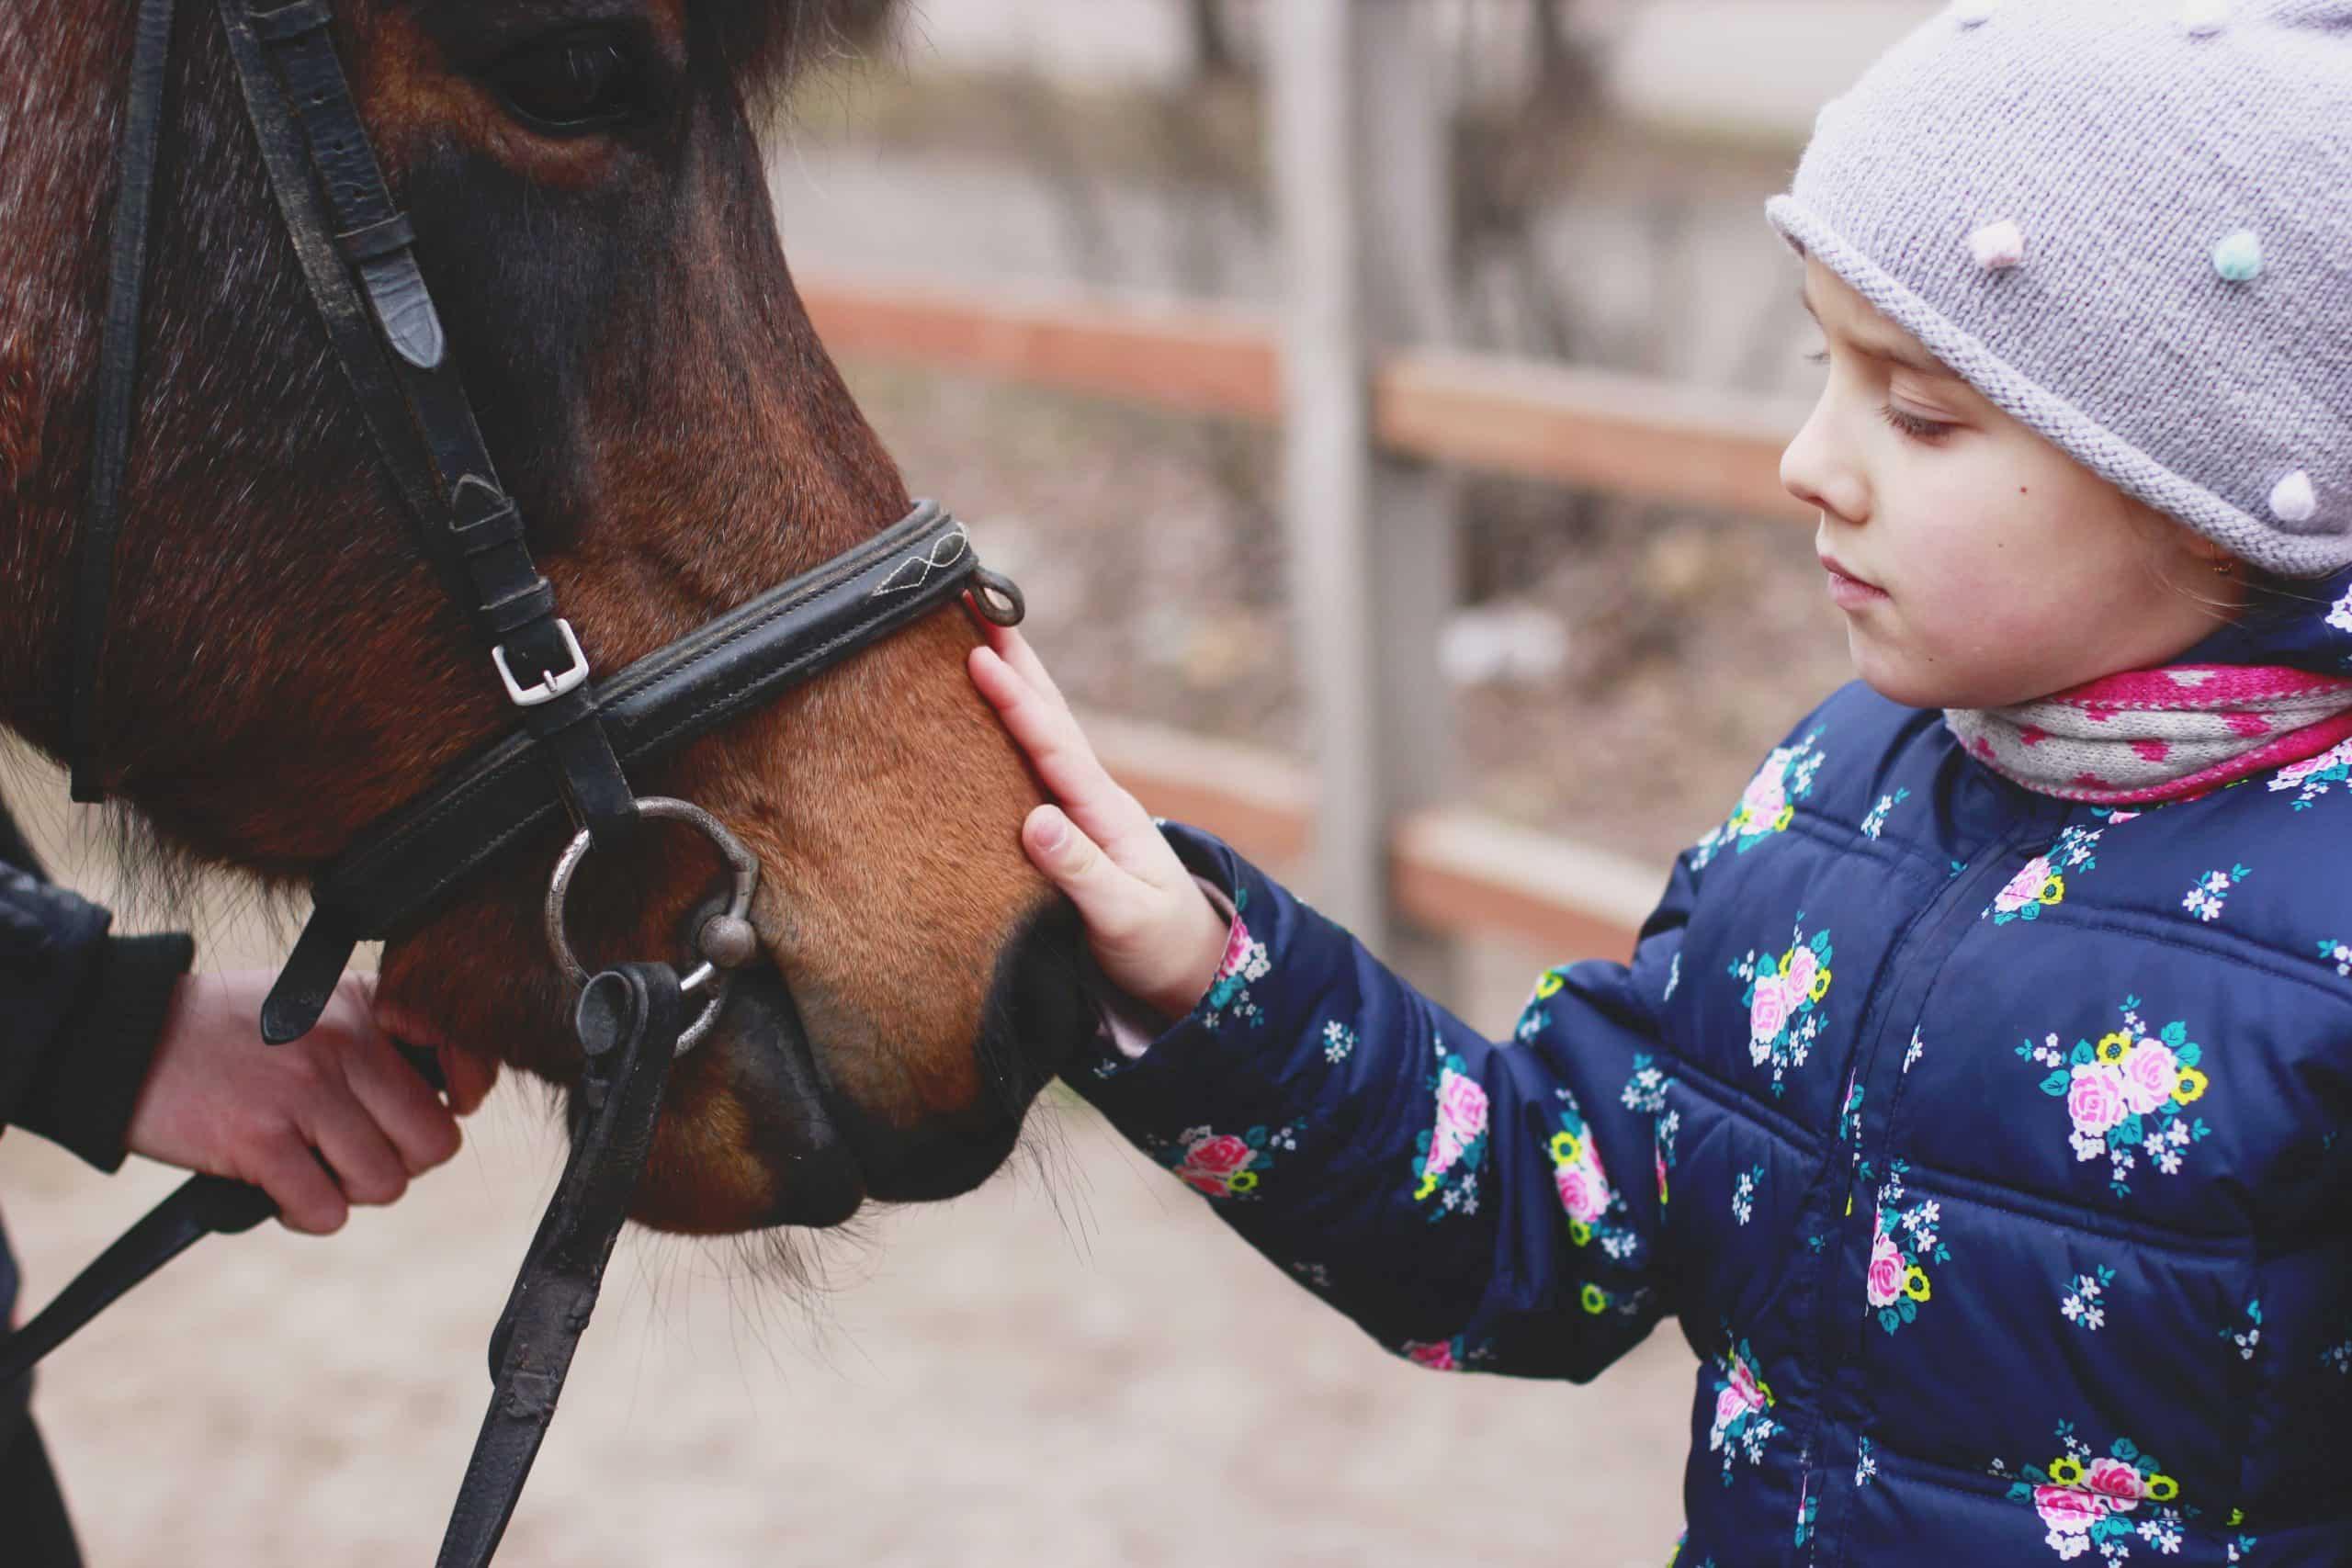 Gut Landegge Familotel Emsland Familienurlaub Reiterhof Reitanlage Reithalle Gut Pferde Urlaub mit Pferden Pferdeflüsterer